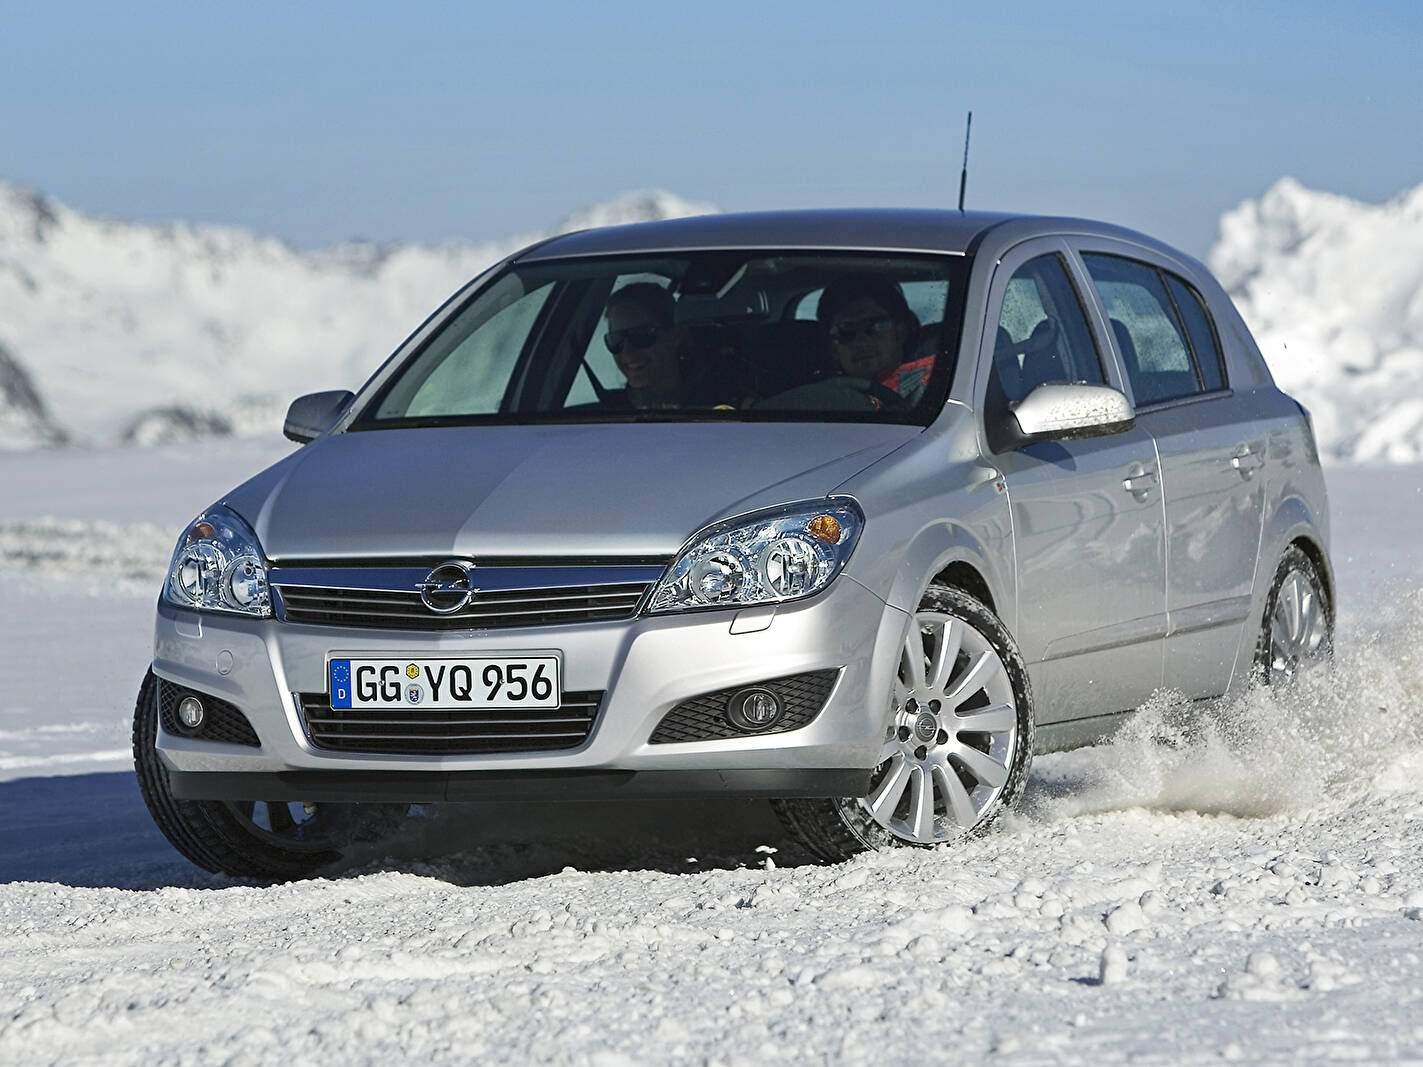 Opel Astra III 1.6 16v (2006-2010),  ajouté par fox58